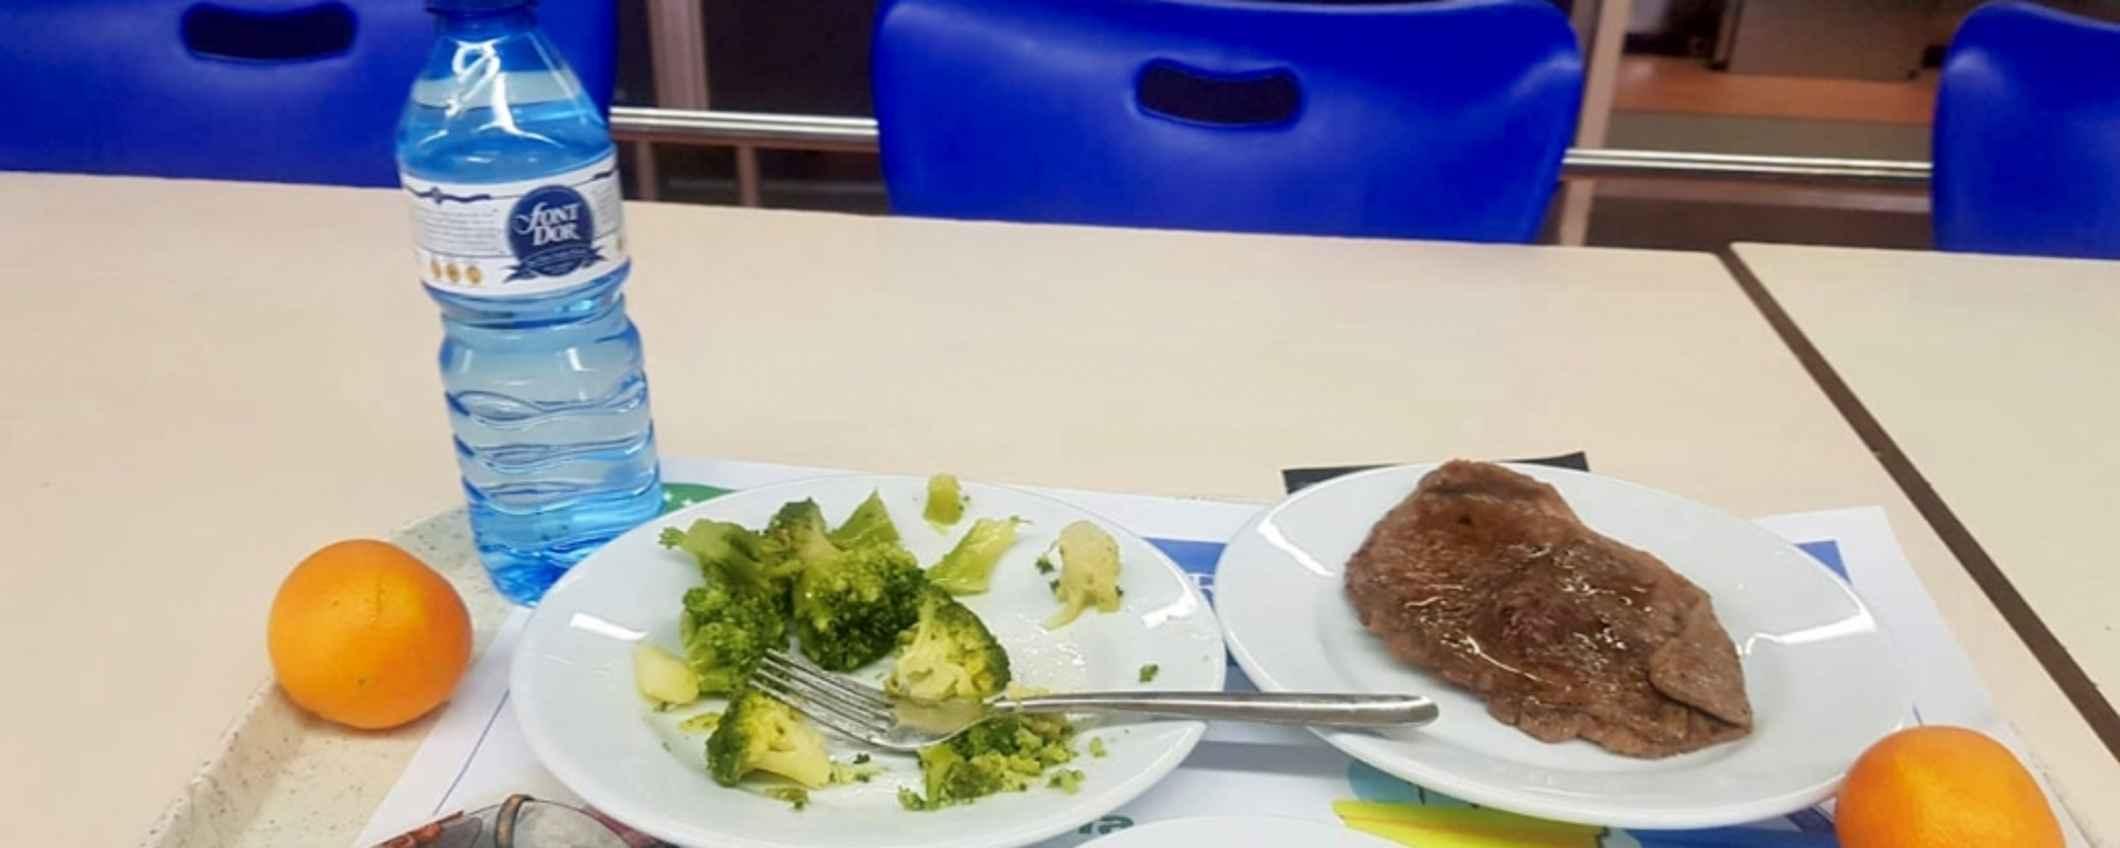 Comer sano es un derecho